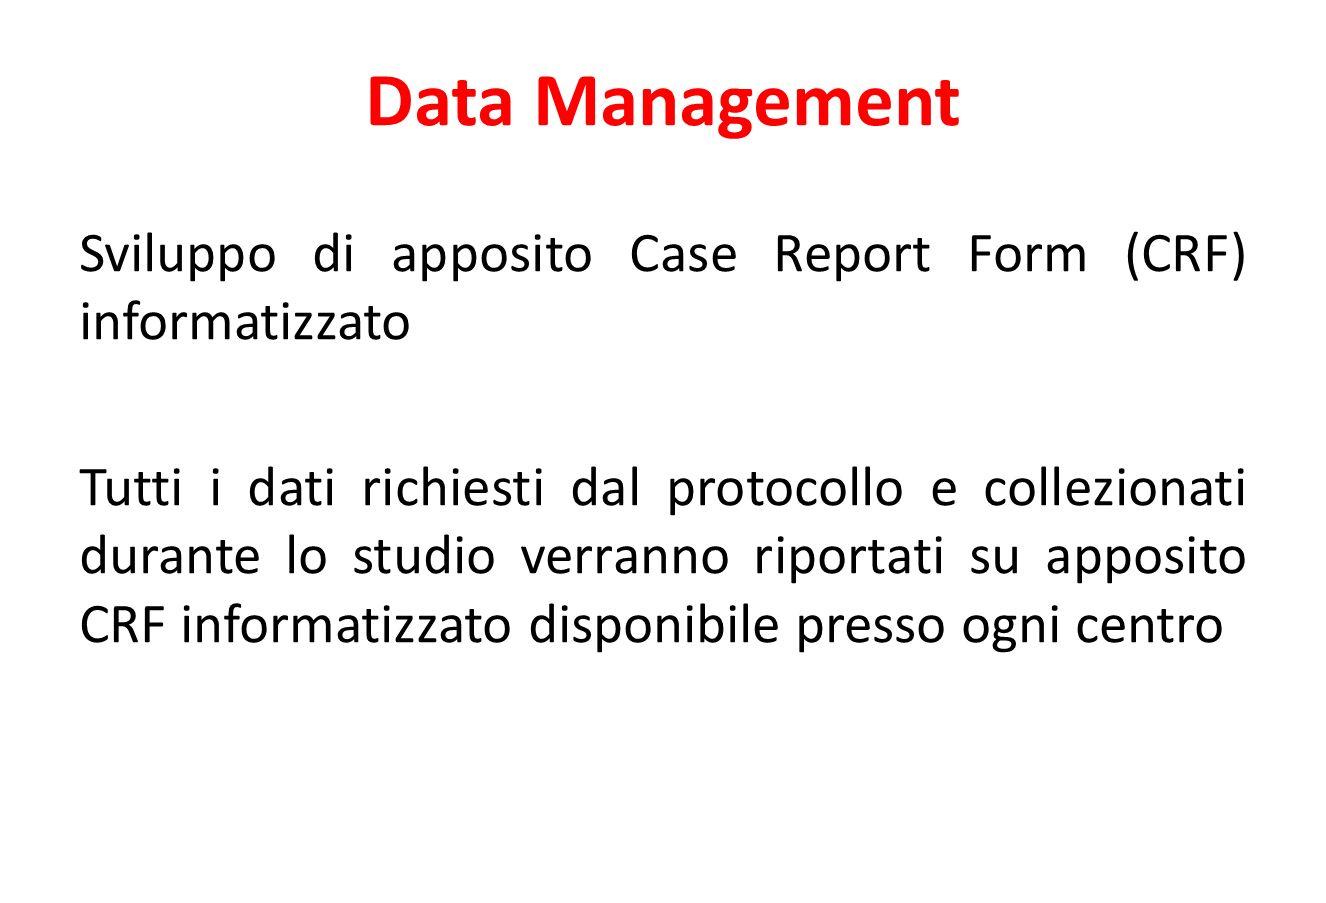 Data Management Sviluppo di apposito Case Report Form (CRF) informatizzato Tutti i dati richiesti dal protocollo e collezionati durante lo studio verranno riportati su apposito CRF informatizzato disponibile presso ogni centro